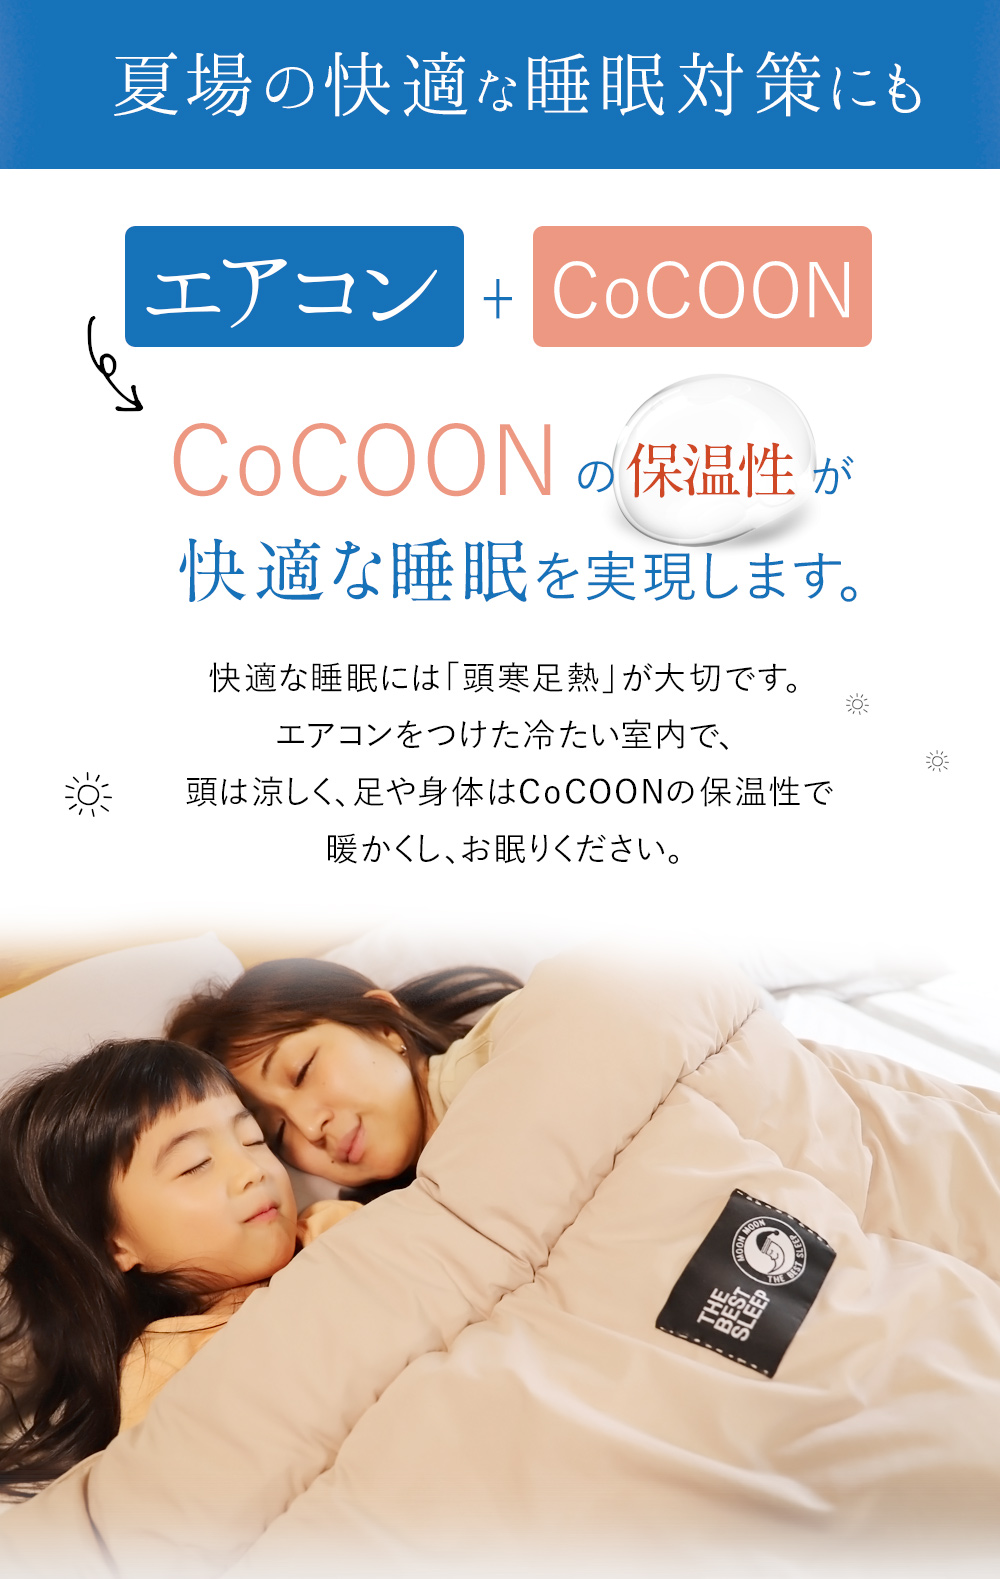 夏場の快適な睡眠対策にも。エアコン下でしっかり暖かい。快適な睡眠には「頭寒足熱」が大切です。エアコンを付けた冷たい室内でCoCOONの保温性で暖かくしお眠りください。